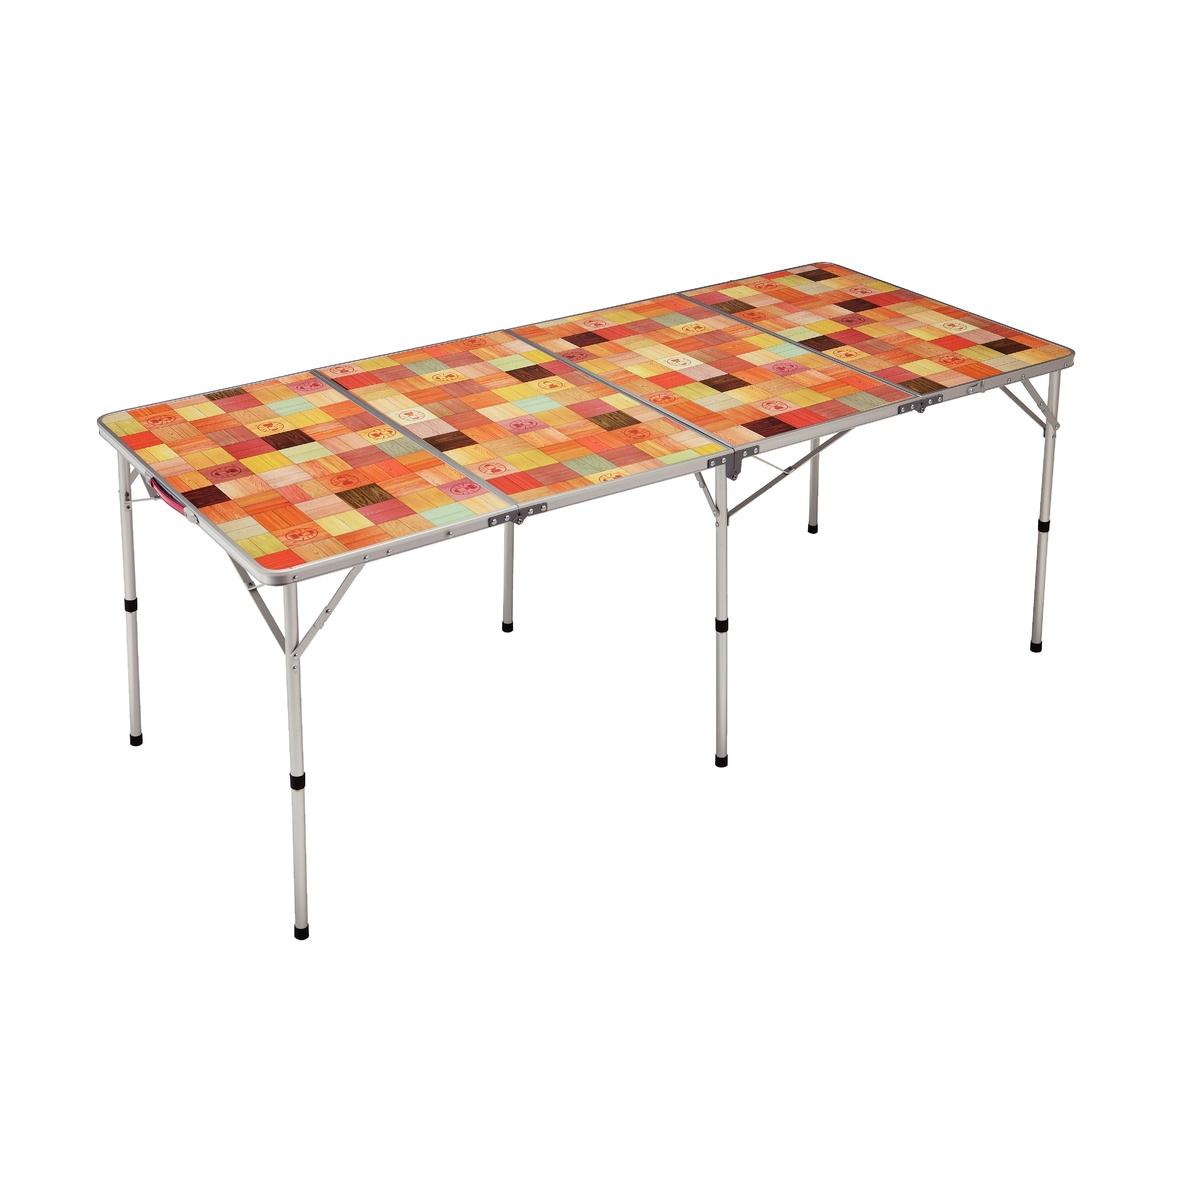 ● 【送料無料】 COLEMAN (コールマン) キャンプ用品 ファミリーテーブル ナチュラルモザイクリビングテーブル/180プラス 2000026749